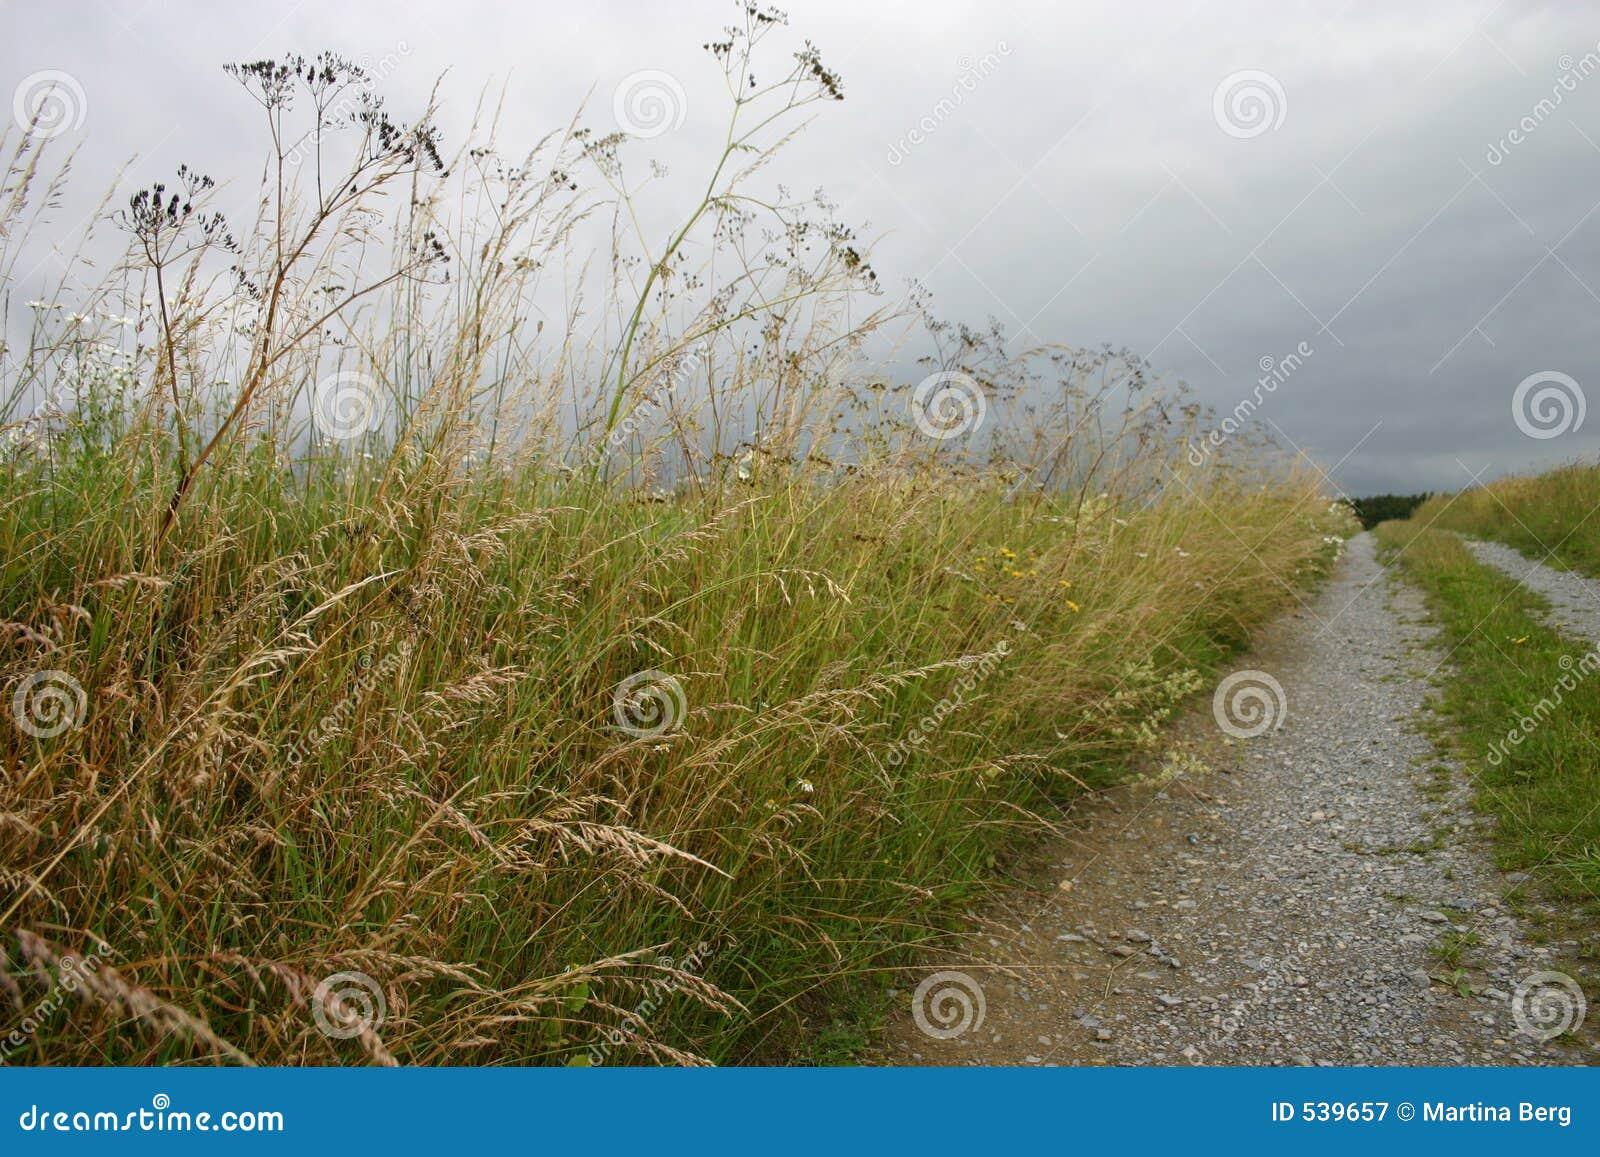 Download 土路 库存图片. 图片 包括有 本质, 击碎, 石头, 结构树, 路径, 草甸, 途径, 天空, 牧场, 蓝色 - 539657